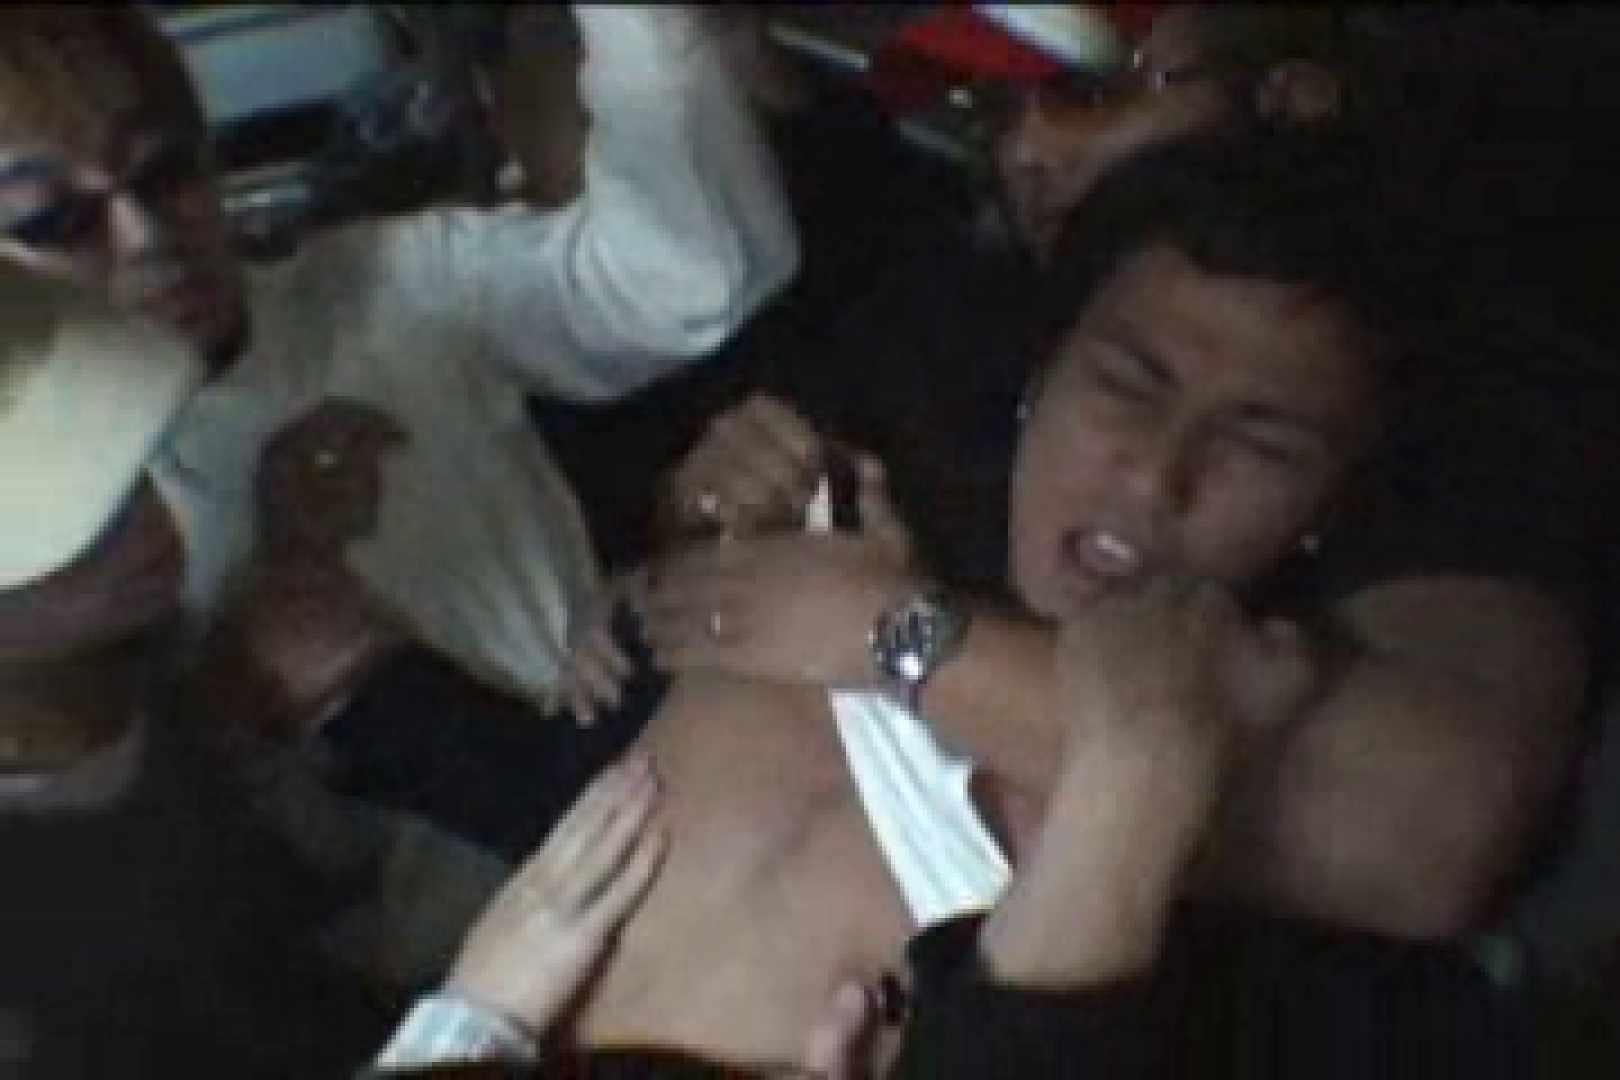 怒涛の集団攻撃!!vol.07 オナニー ゲイエロビデオ画像 102pic 68